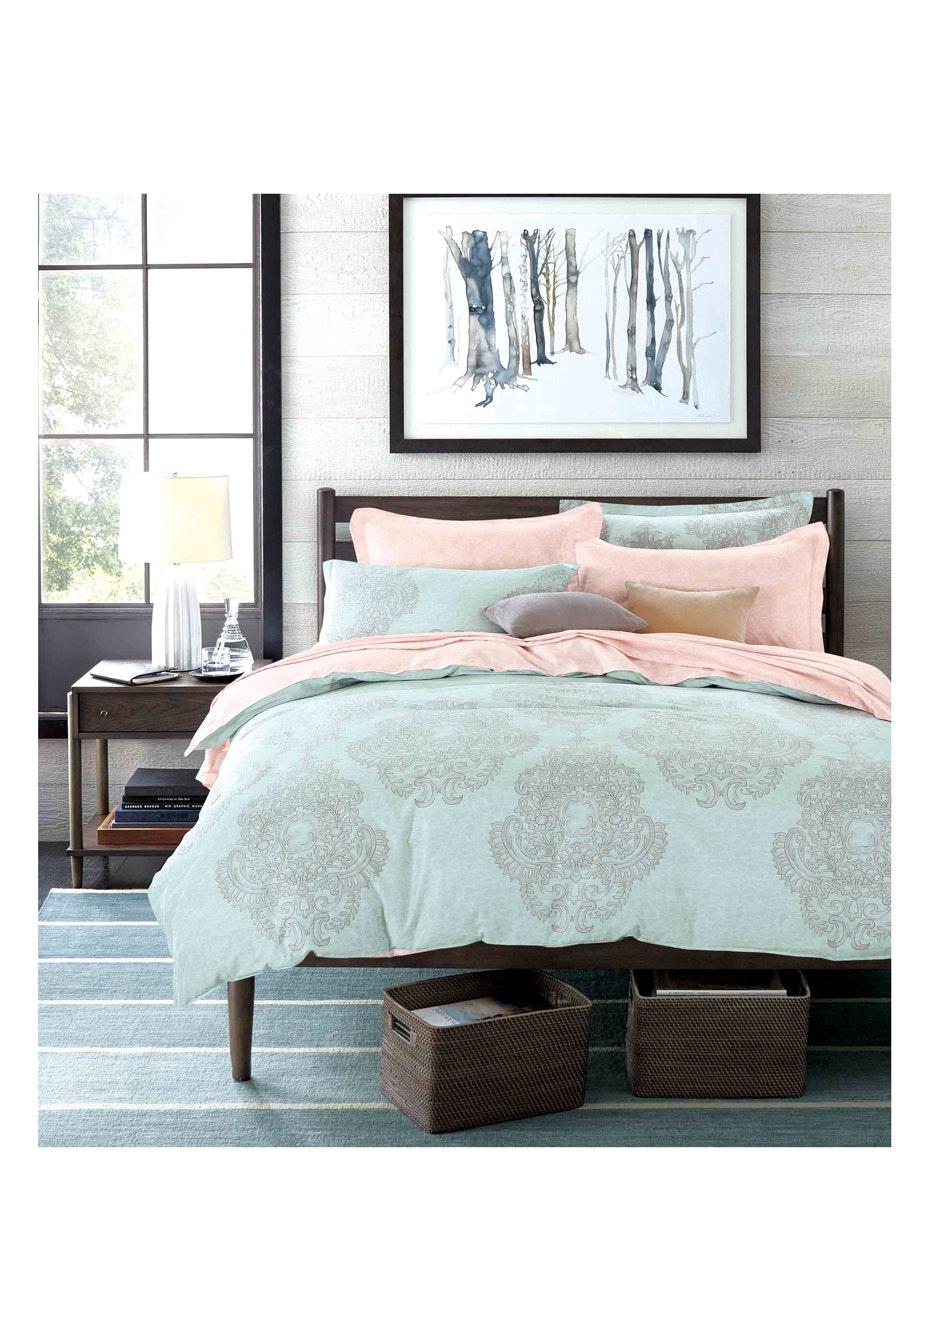 Tamarama Quilt Cover Set - Reversible Design - 100% Cotton Queen Bed